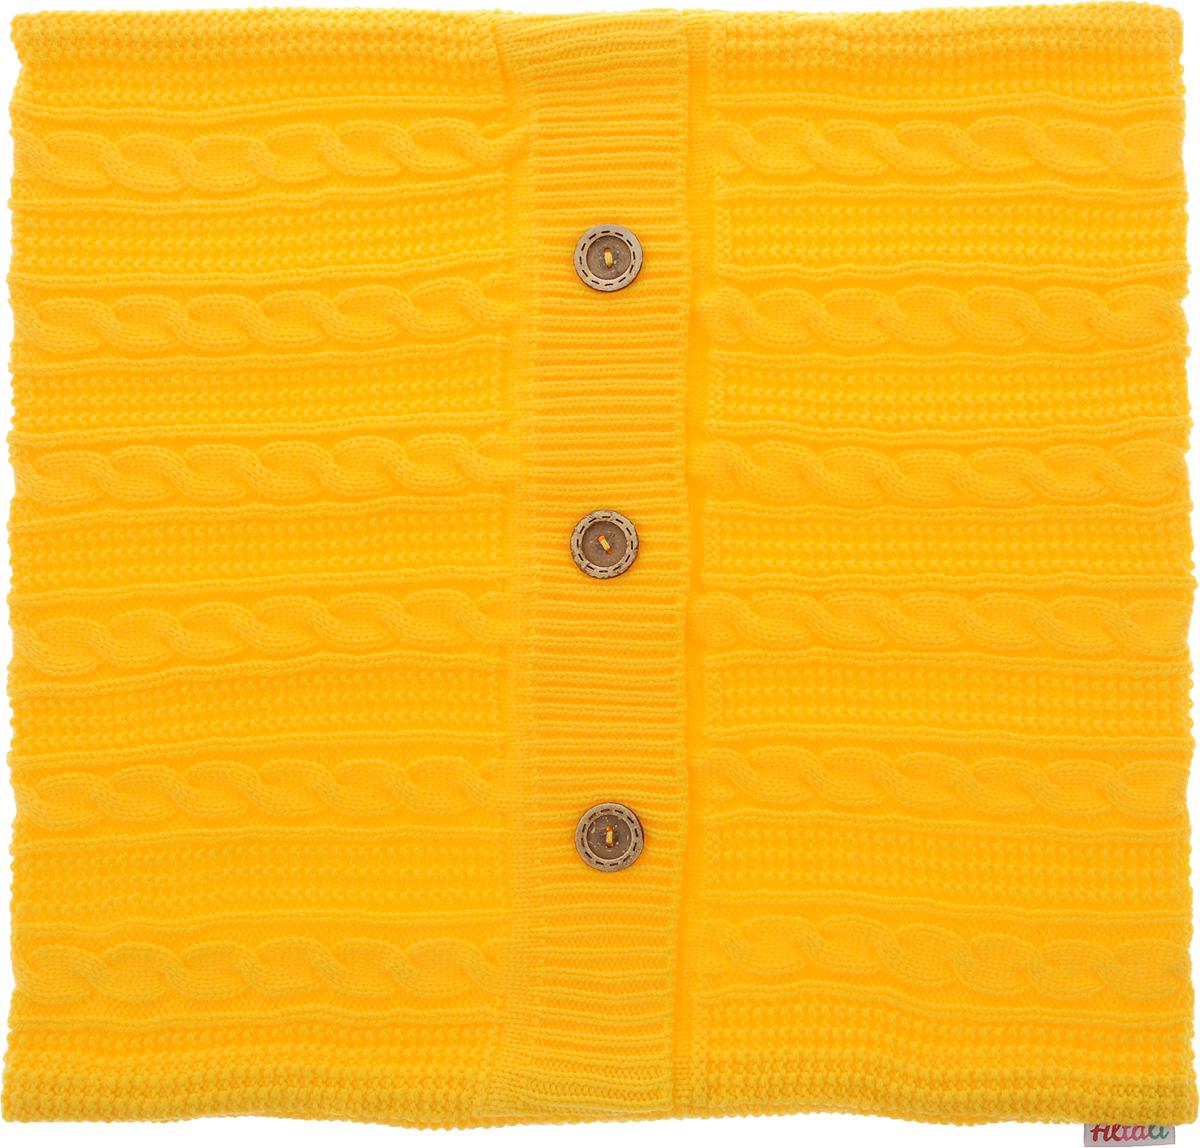 Наволочка декоративная Altali Plait, 45 х 45 смP02-V036/1Декоративная наволочка Apolena Plait выполнена из мягкой объемной пряжи (100% акрил) с модным рисунком косичка. Вязаная подушка в доме - признак уюта и стиля. В отличие от тканевой подушки вязаные изделия более эластичные и структурные. Рисунок вязки гармонично впишется в любой интерьер. Чехол съемный, на пуговицах. Его можно стирать в деликатном режиме, сушить на горизонтальной поверхности.